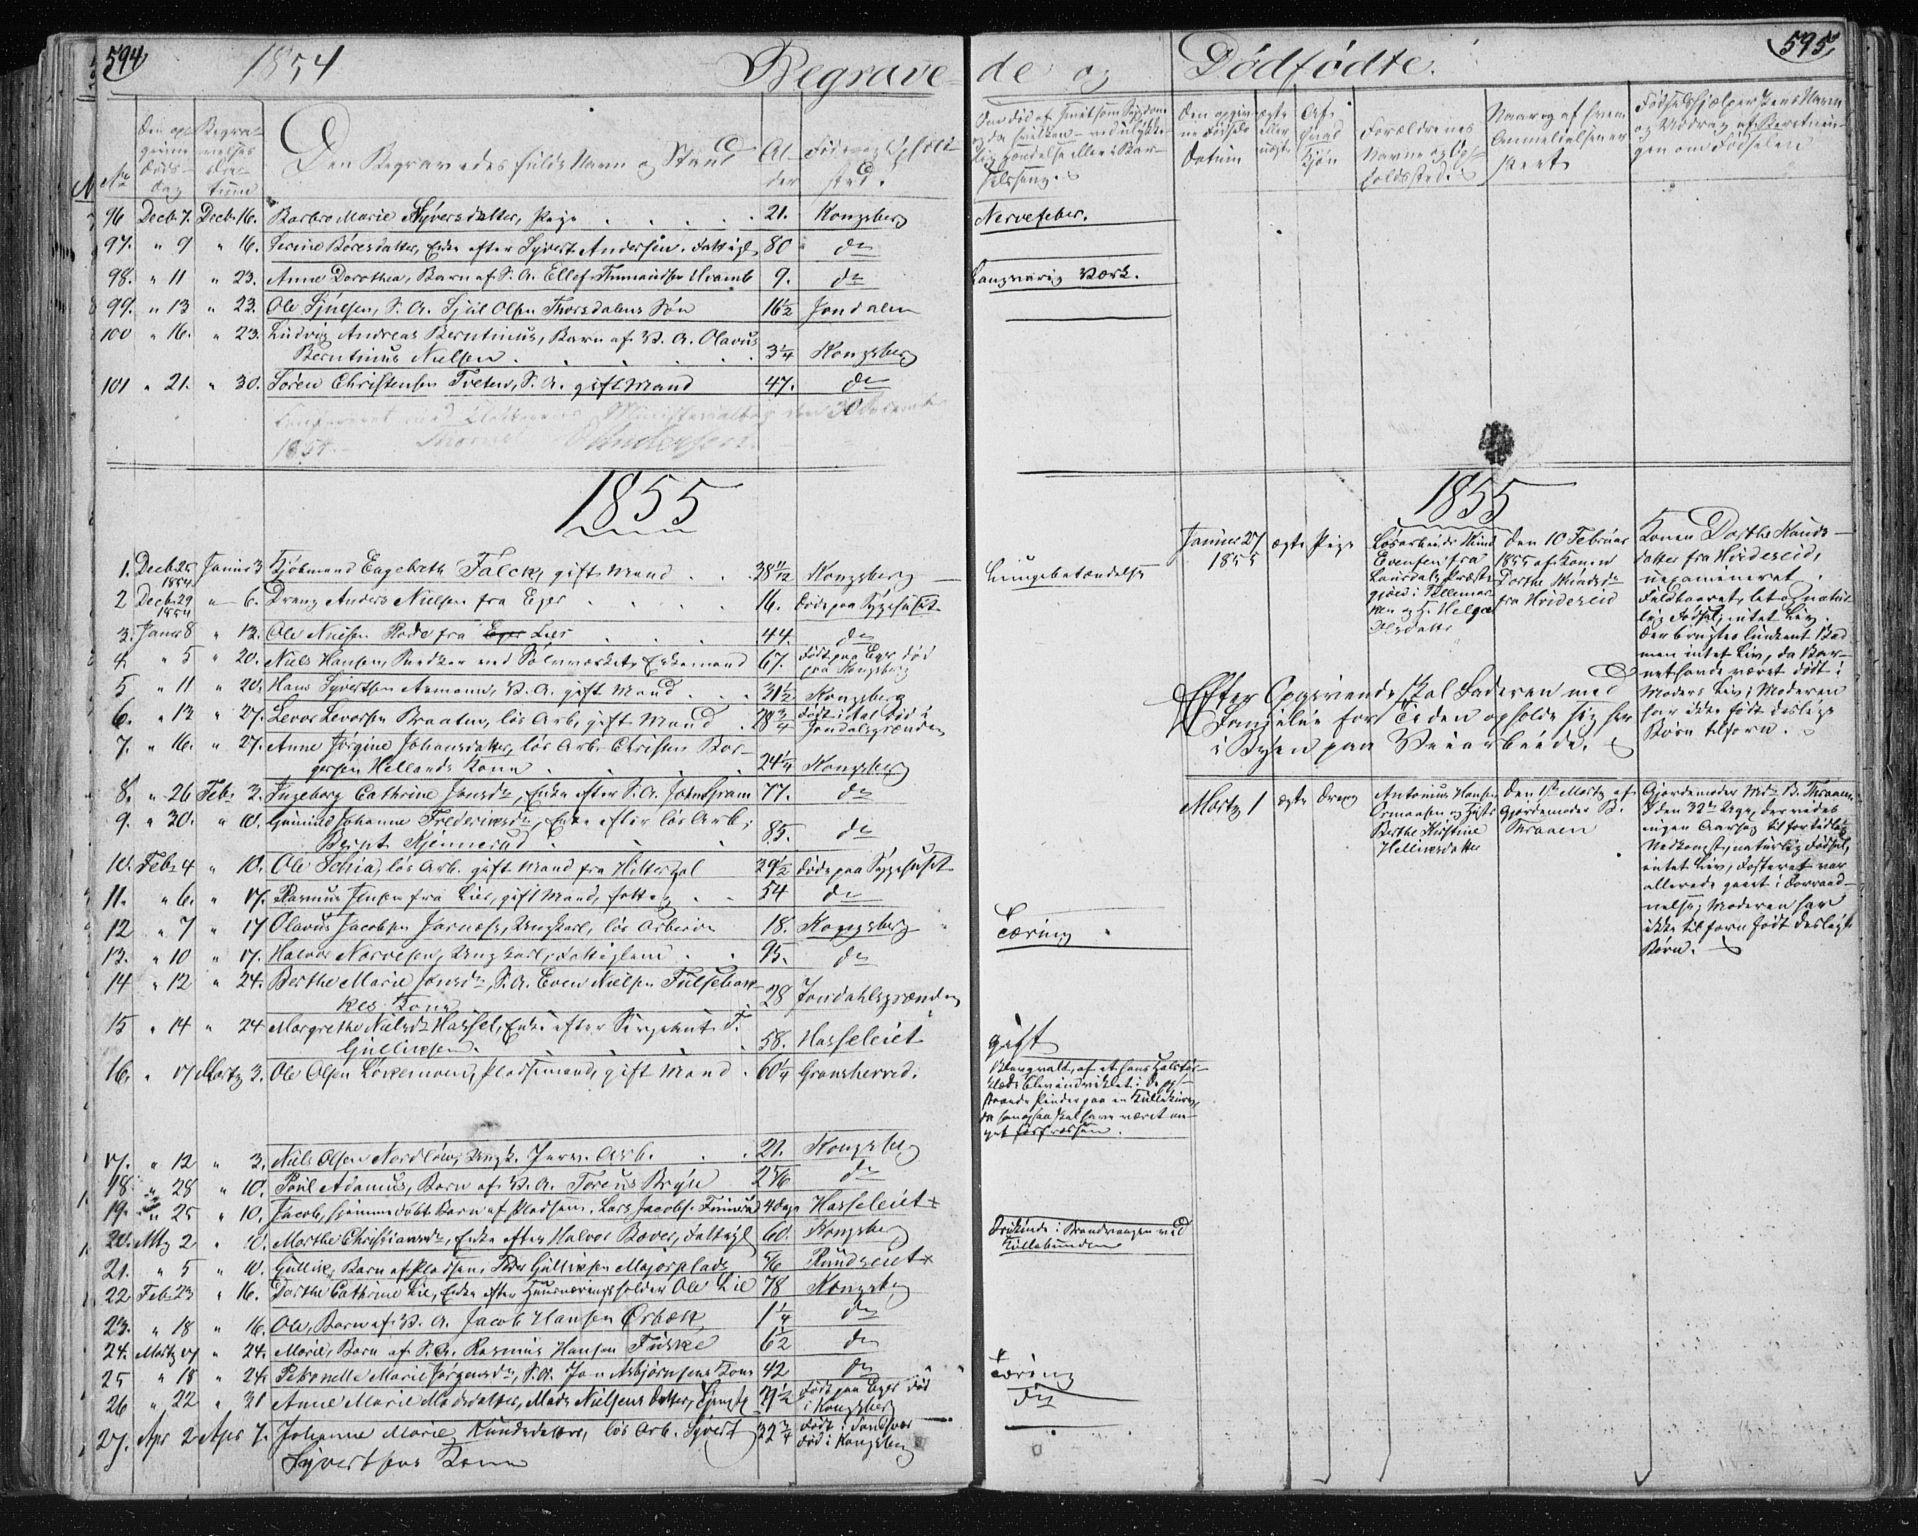 SAKO, Kongsberg kirkebøker, F/Fa/L0009: Ministerialbok nr. I 9, 1839-1858, s. 594-595